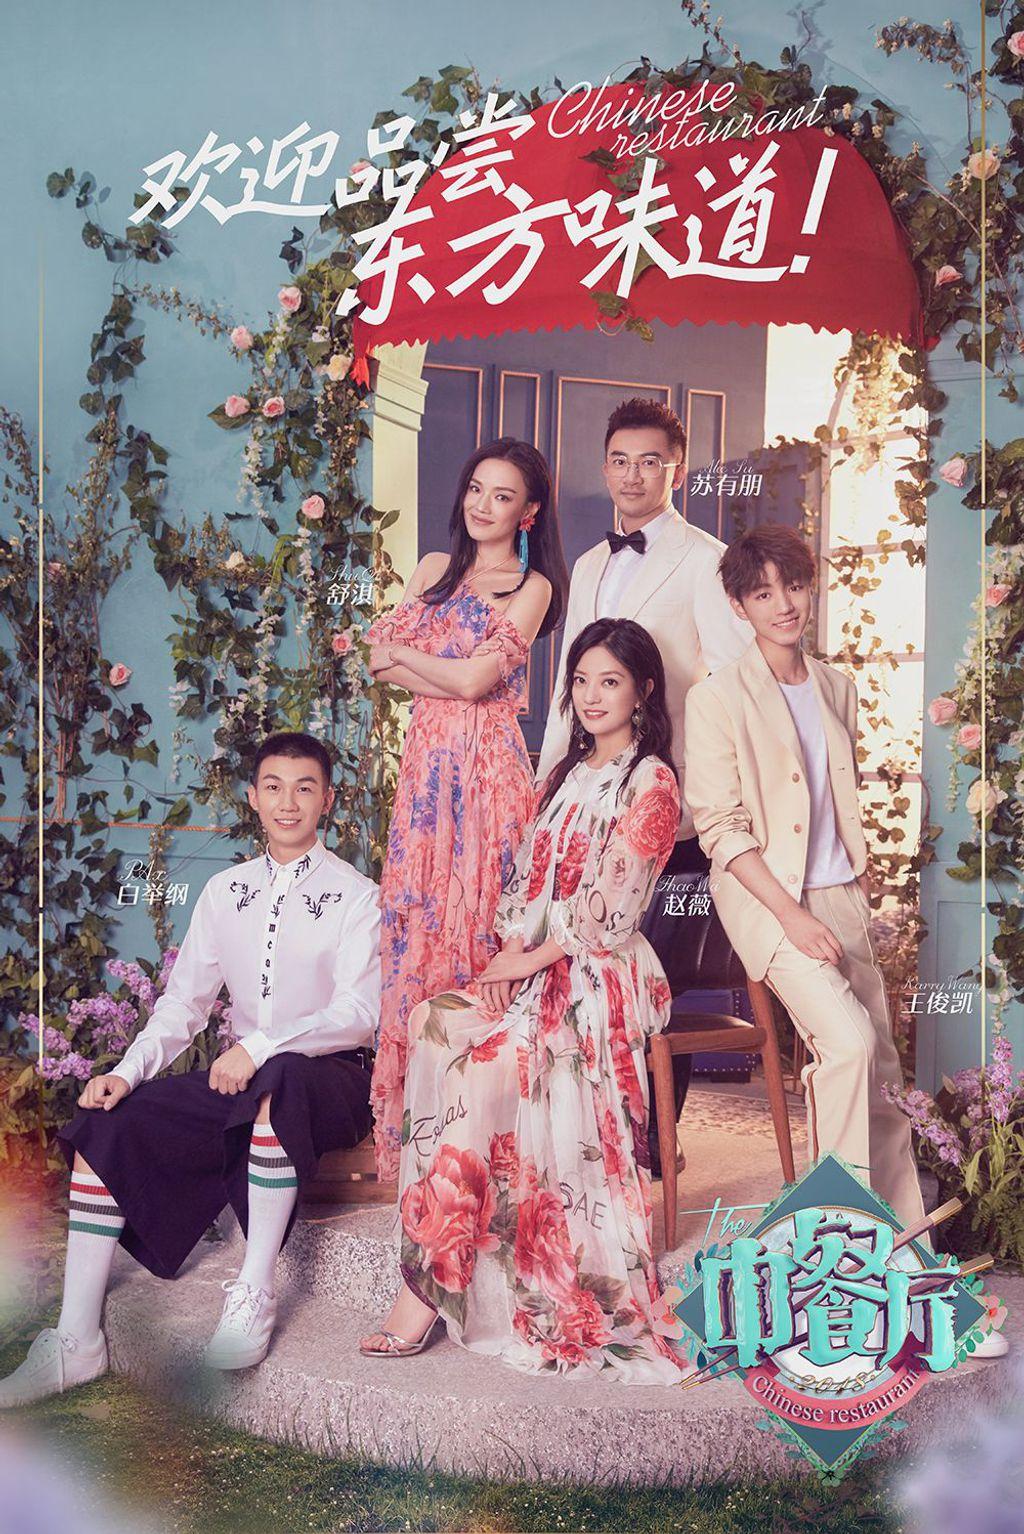 中餐廳 第二季第1集 免費線上看 綜藝 LINE TV-精彩隨看